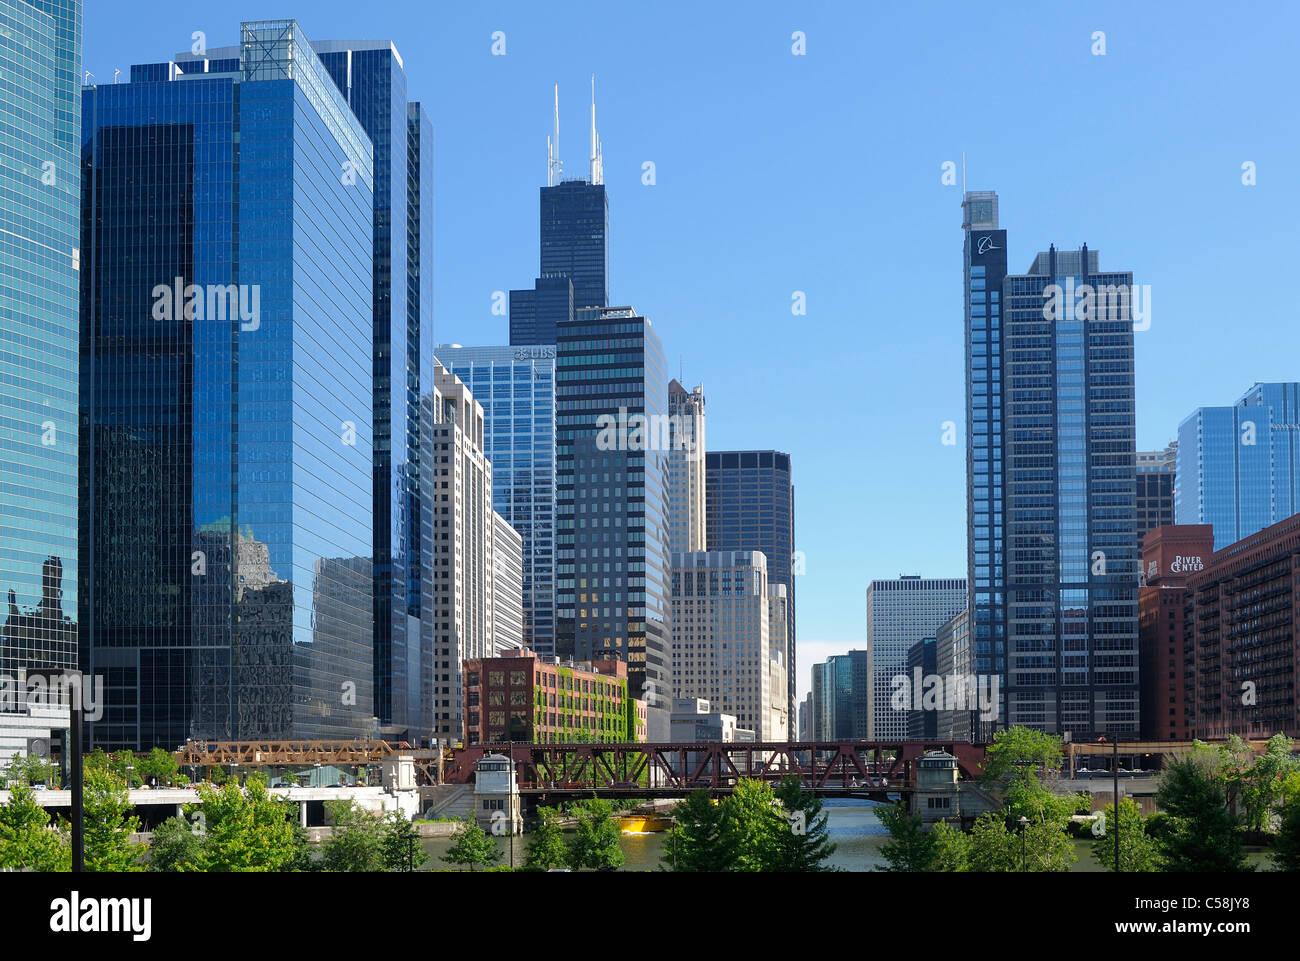 Ponte sul Fiume di Chicago, Downtown Chicago, Illinois, Stati Uniti d'America, Stati Uniti, America, città Immagini Stock